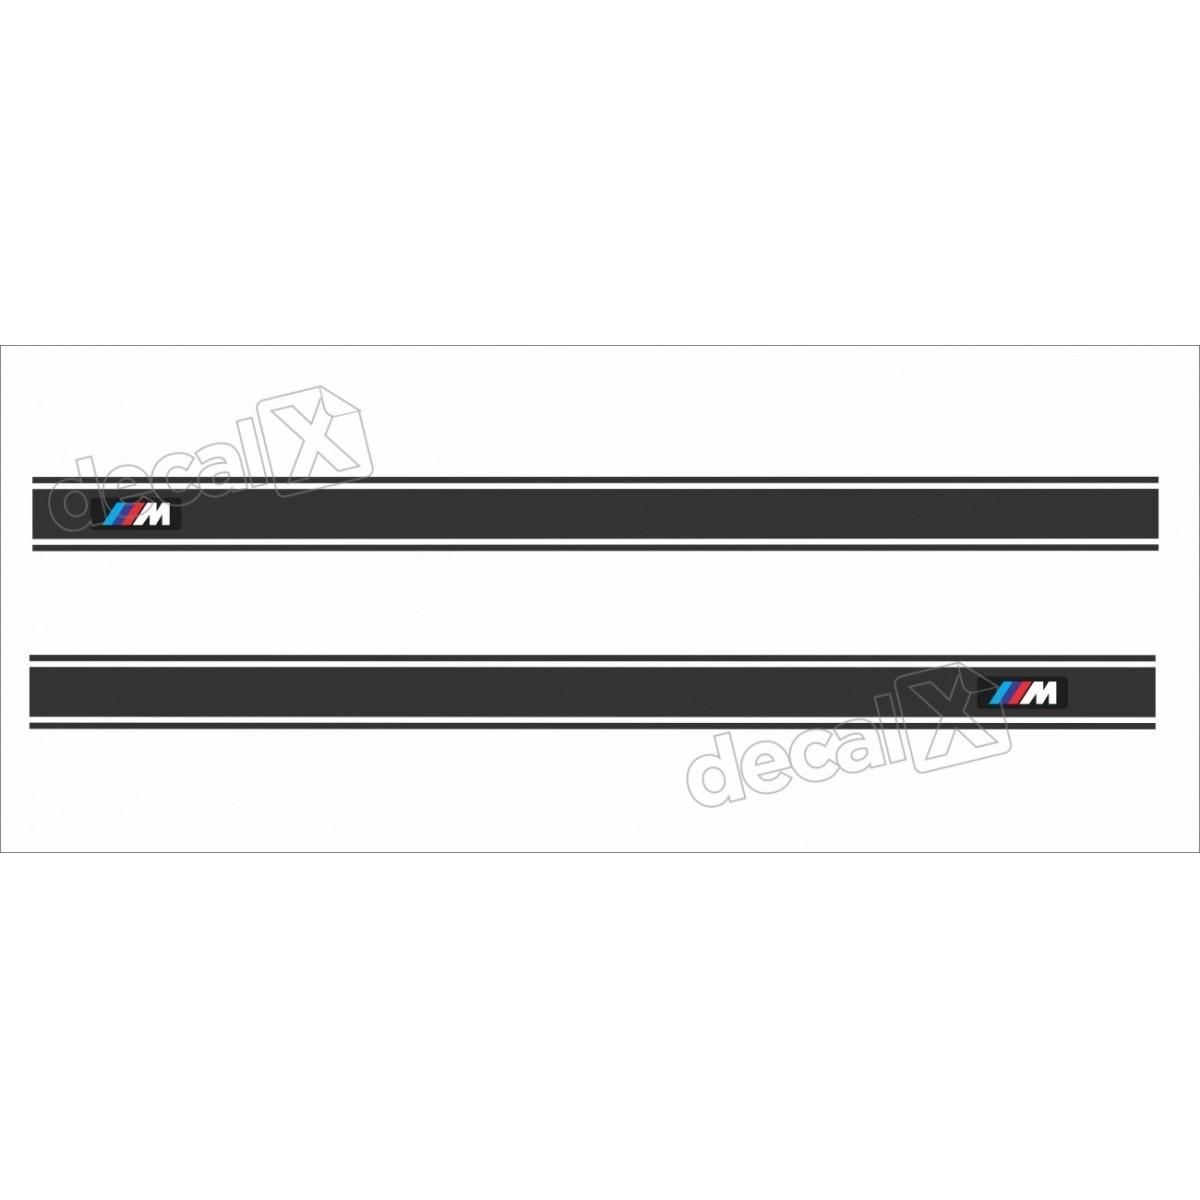 Adesivo Bmw Faixa Lateral X1 Bw8